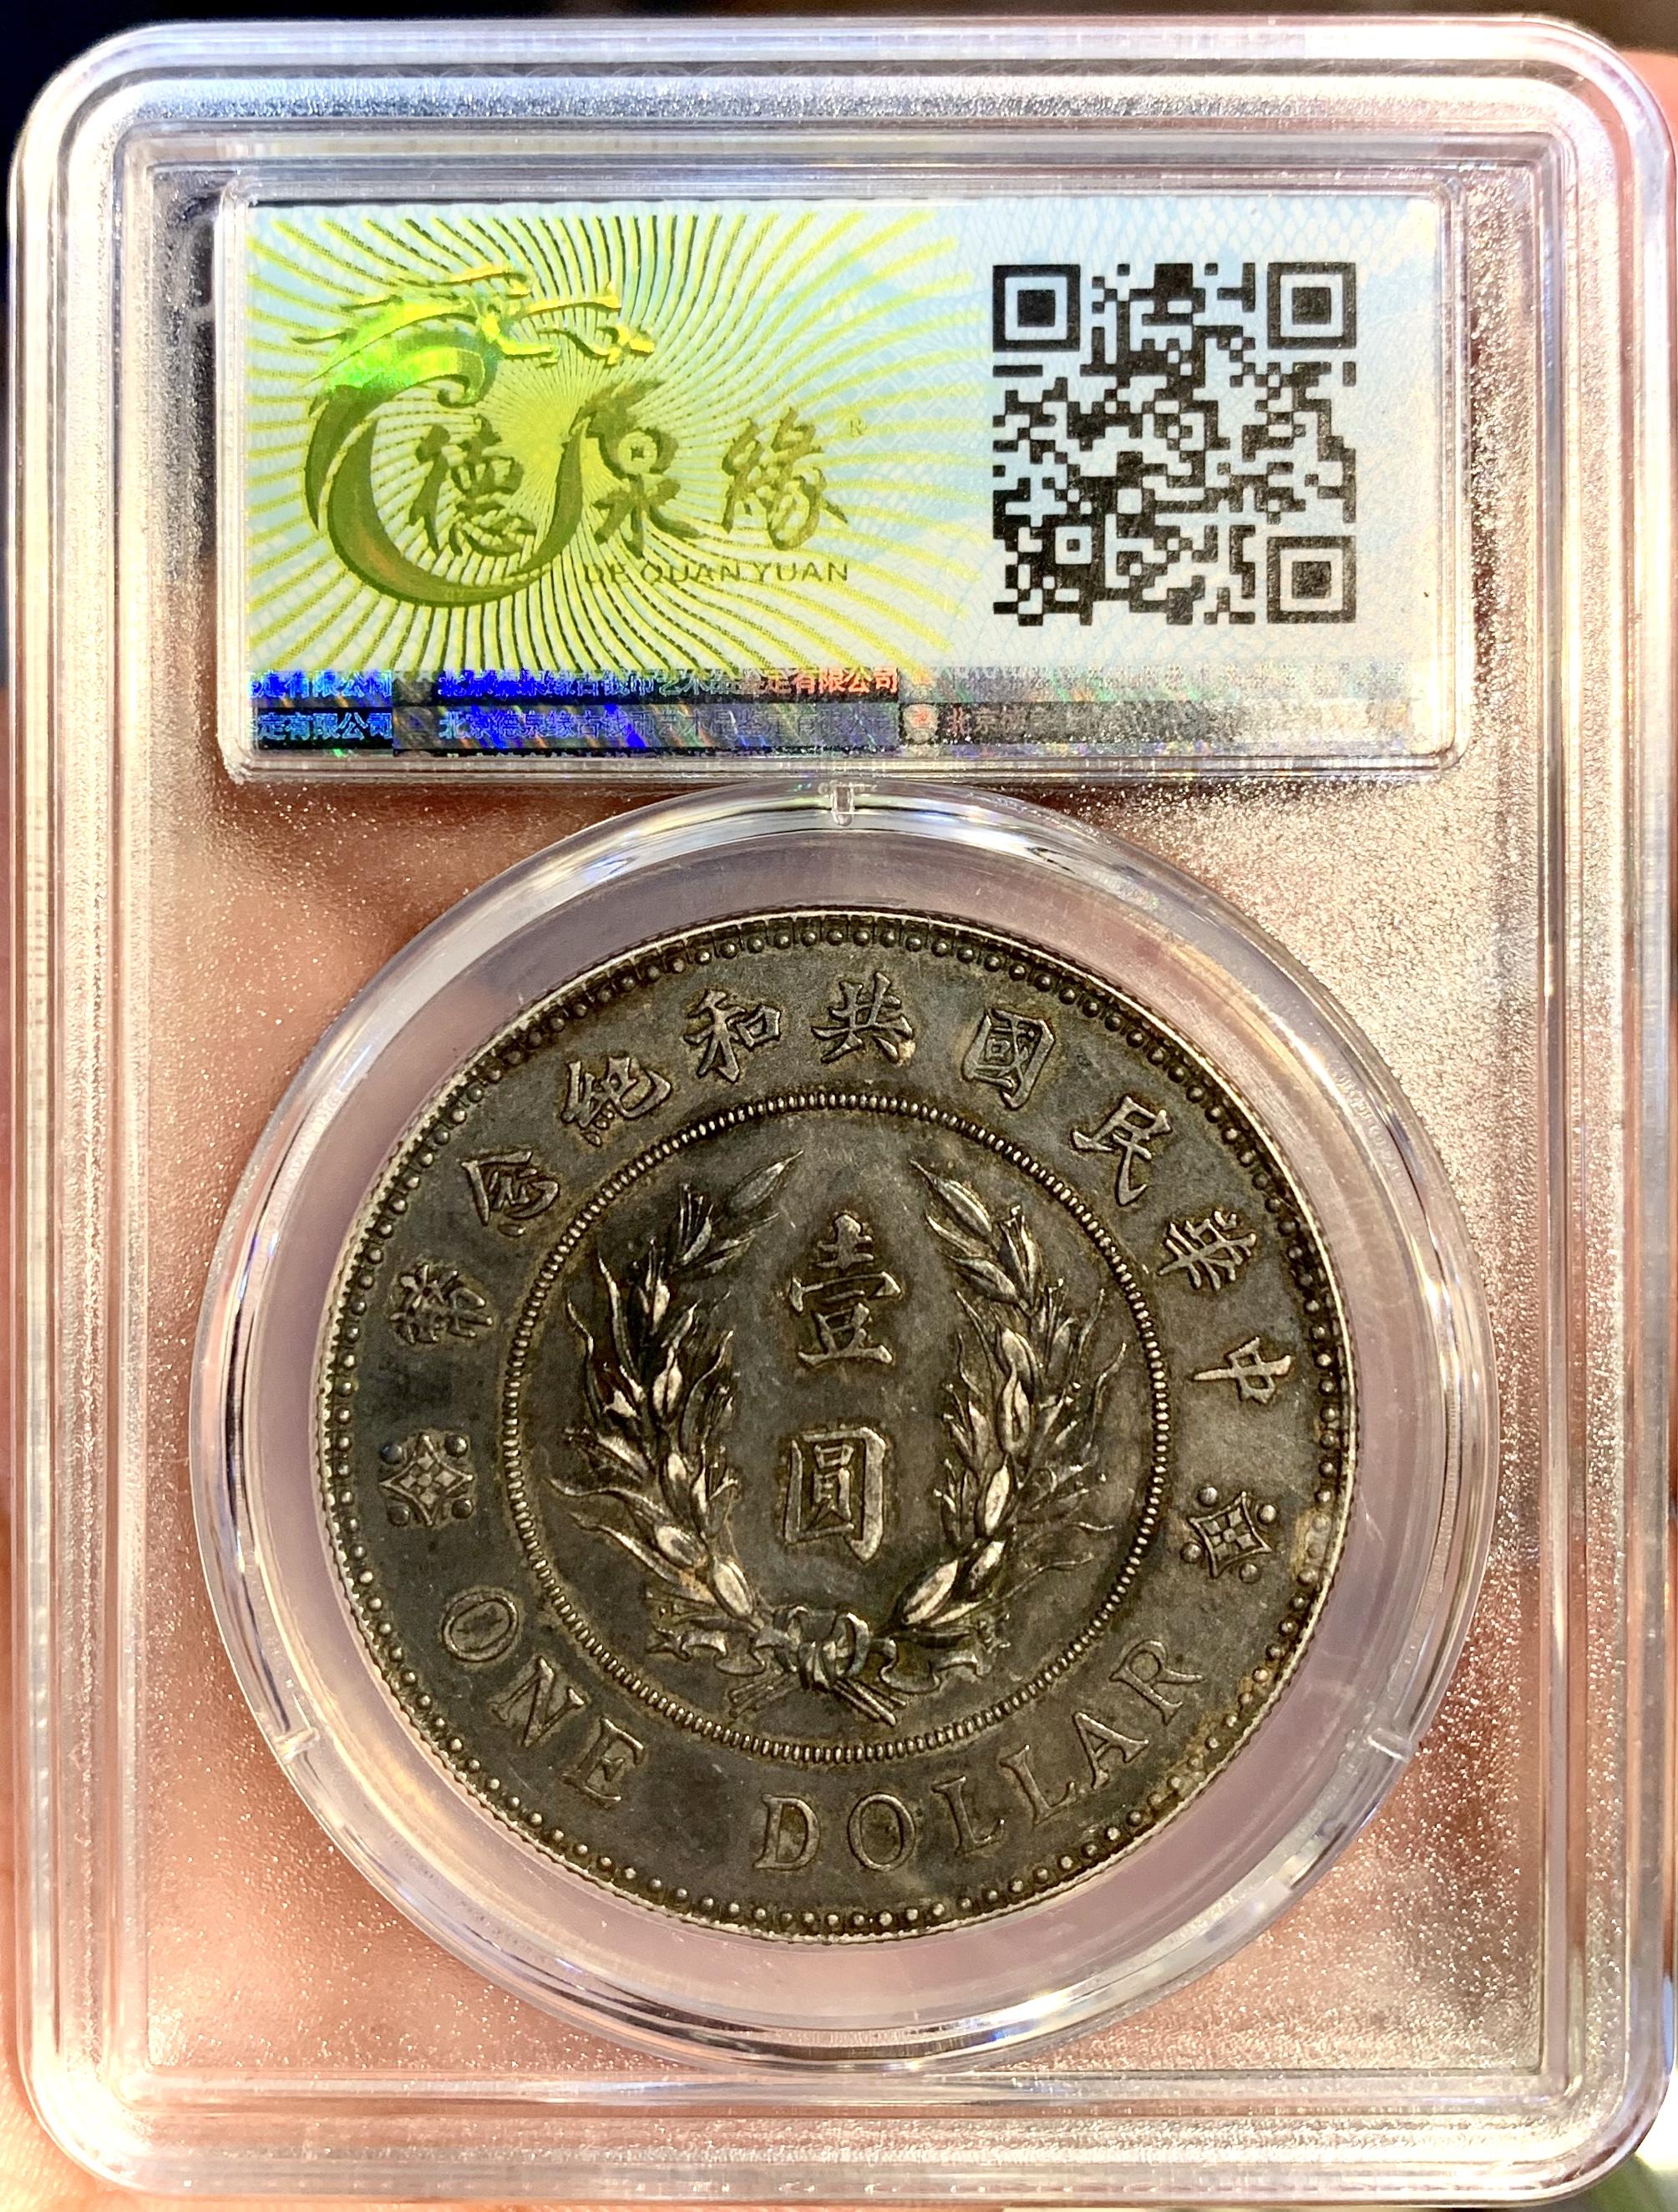 袁像共和银币